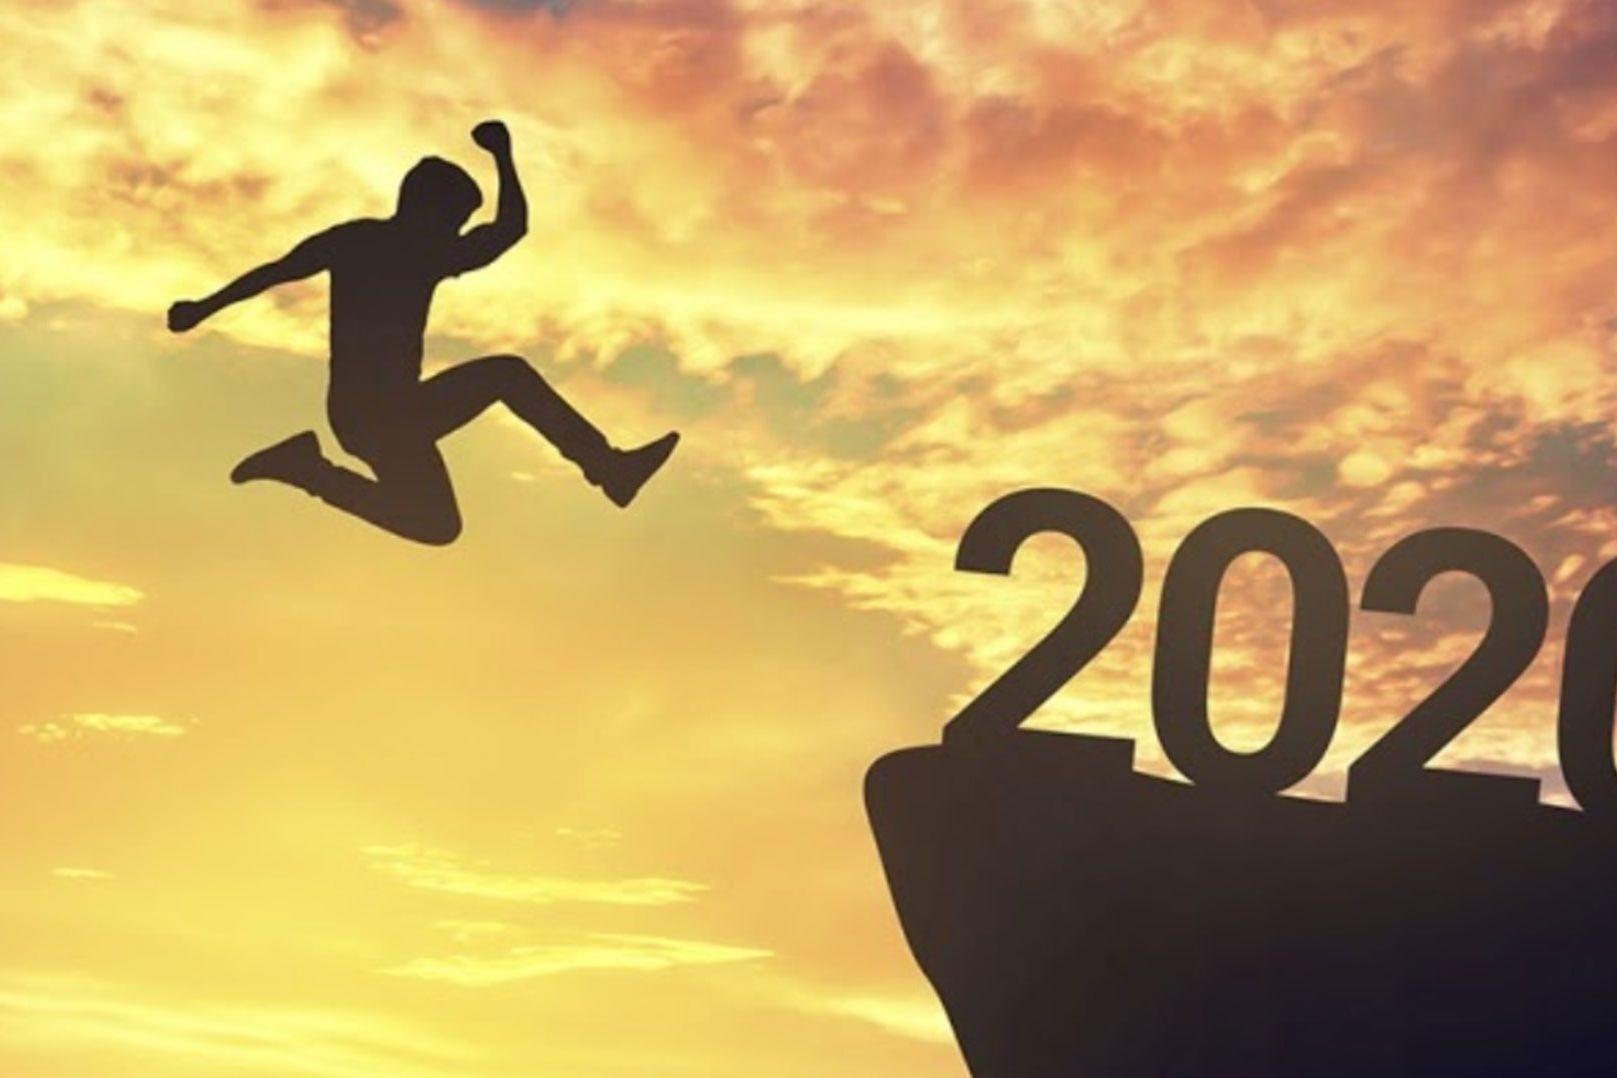 Resoluções para um novo ano